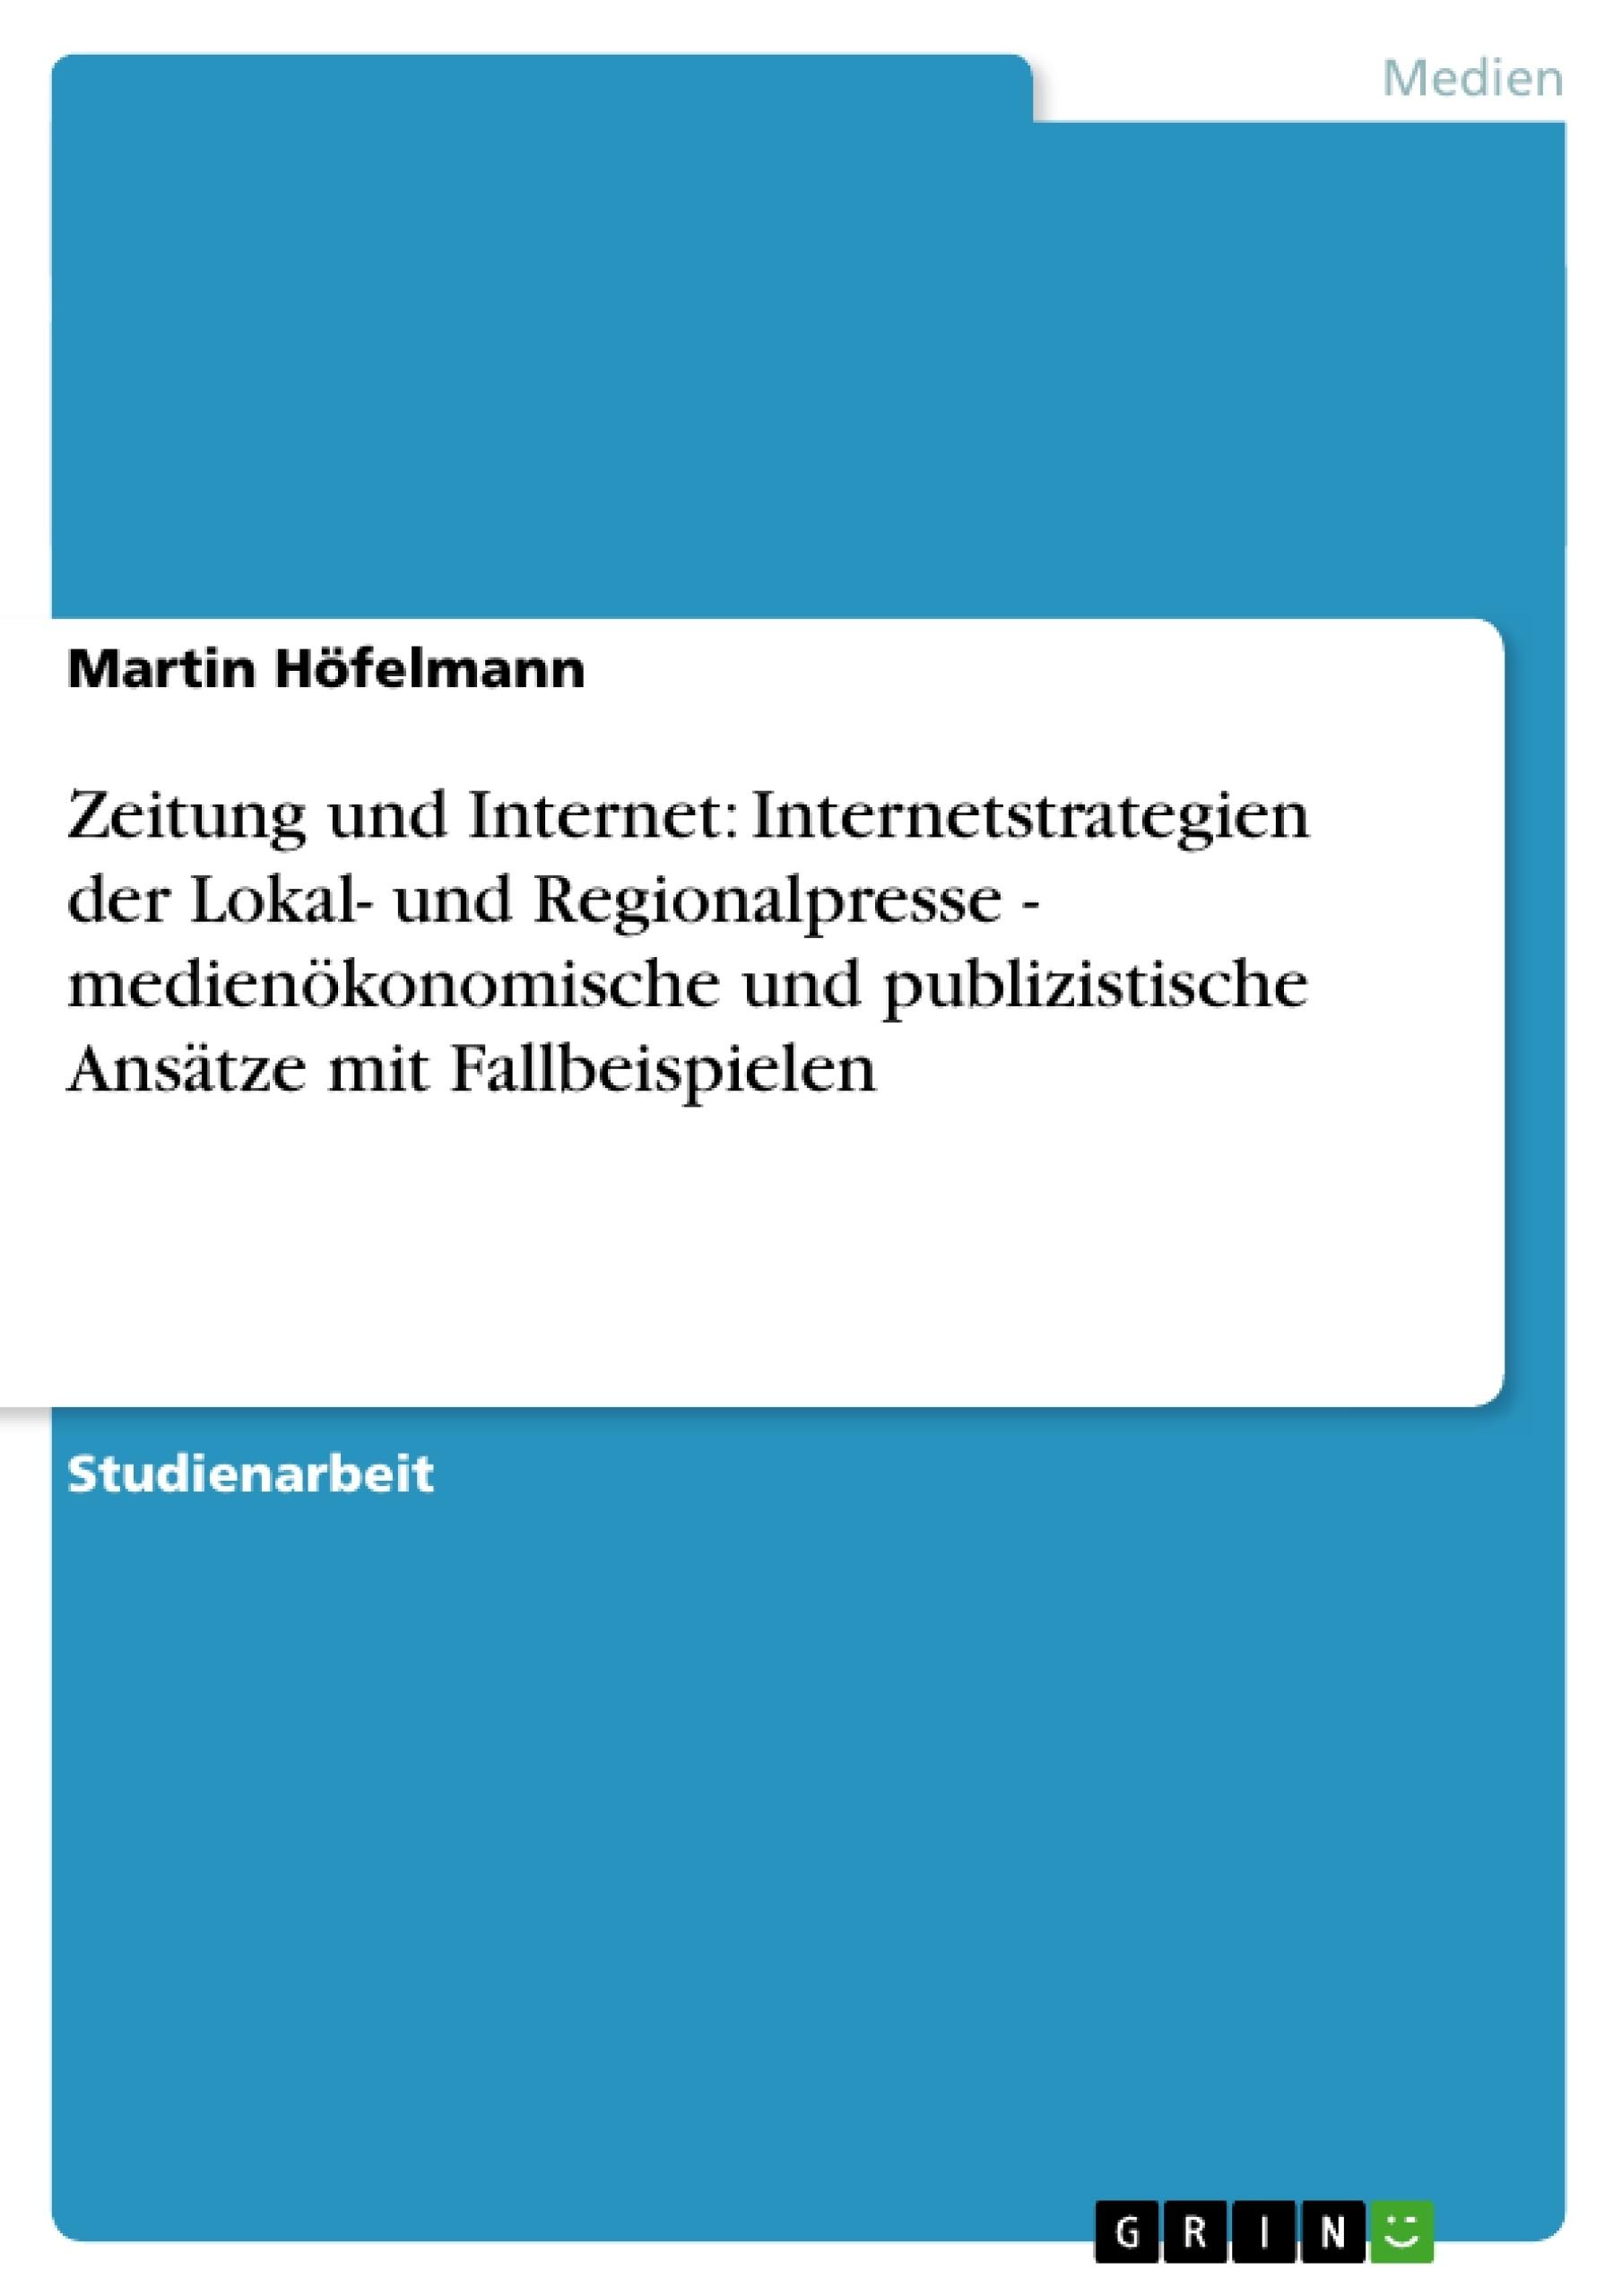 Titel: Zeitung und Internet: Internetstrategien der Lokal- und Regionalpresse - medienökonomische und publizistische Ansätze mit Fallbeispielen